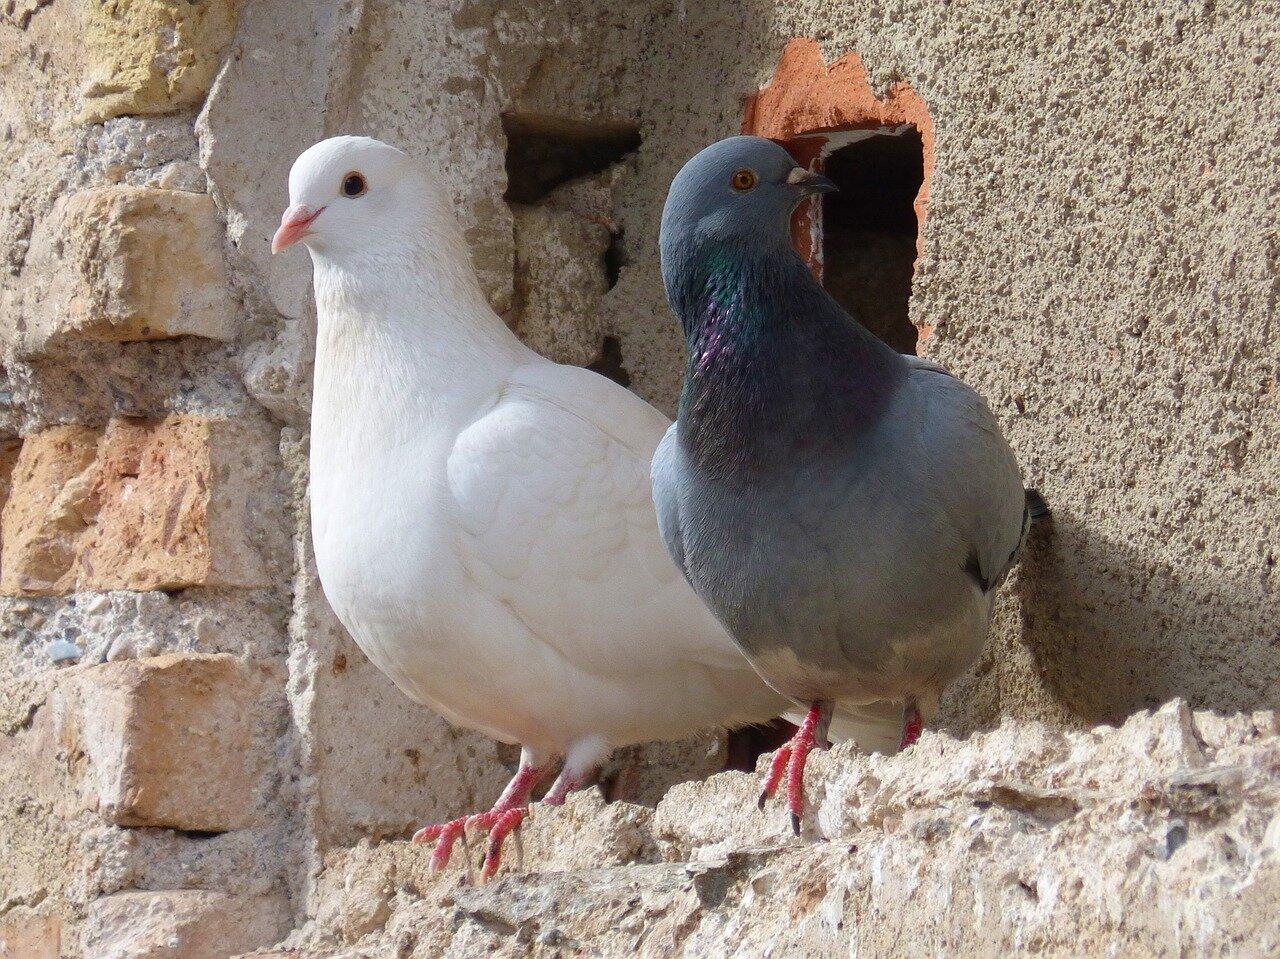 Ciekawostki o gołębiach. Dlaczego gołębie ruszają głową?